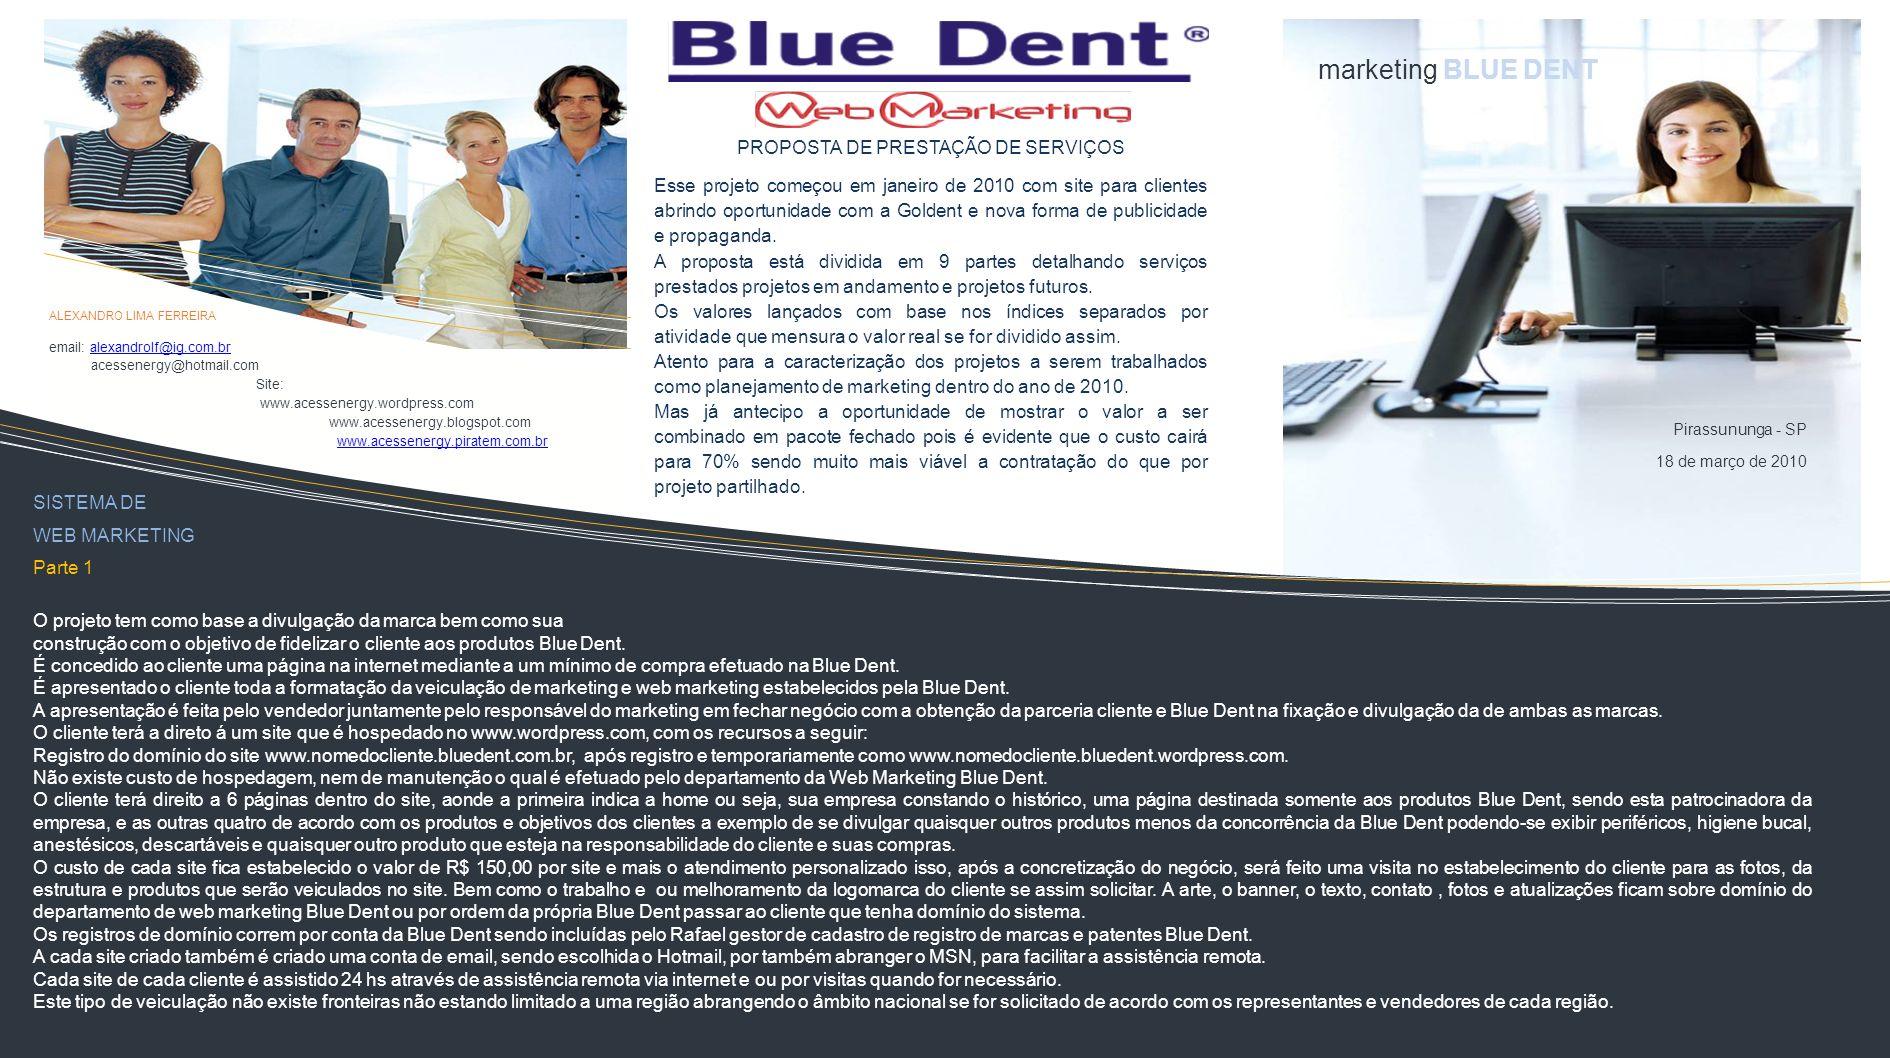 Elaboração de Divulgação do Sistema web marketing Blue Dent.